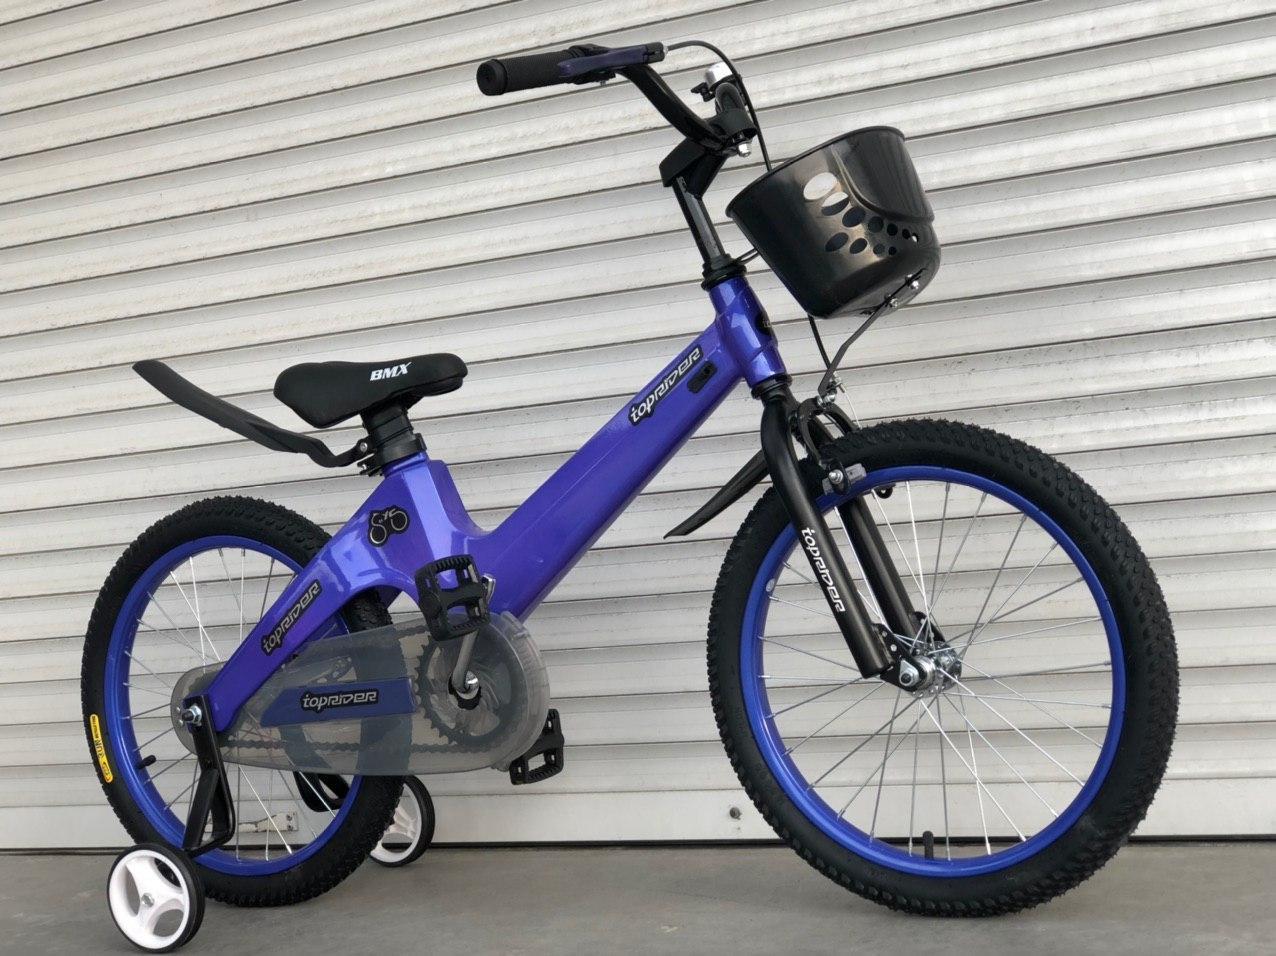 Дитячий двоколісний магнієвий велосипед 16 дюймів Rider ТТ001 синій (від 5 років)